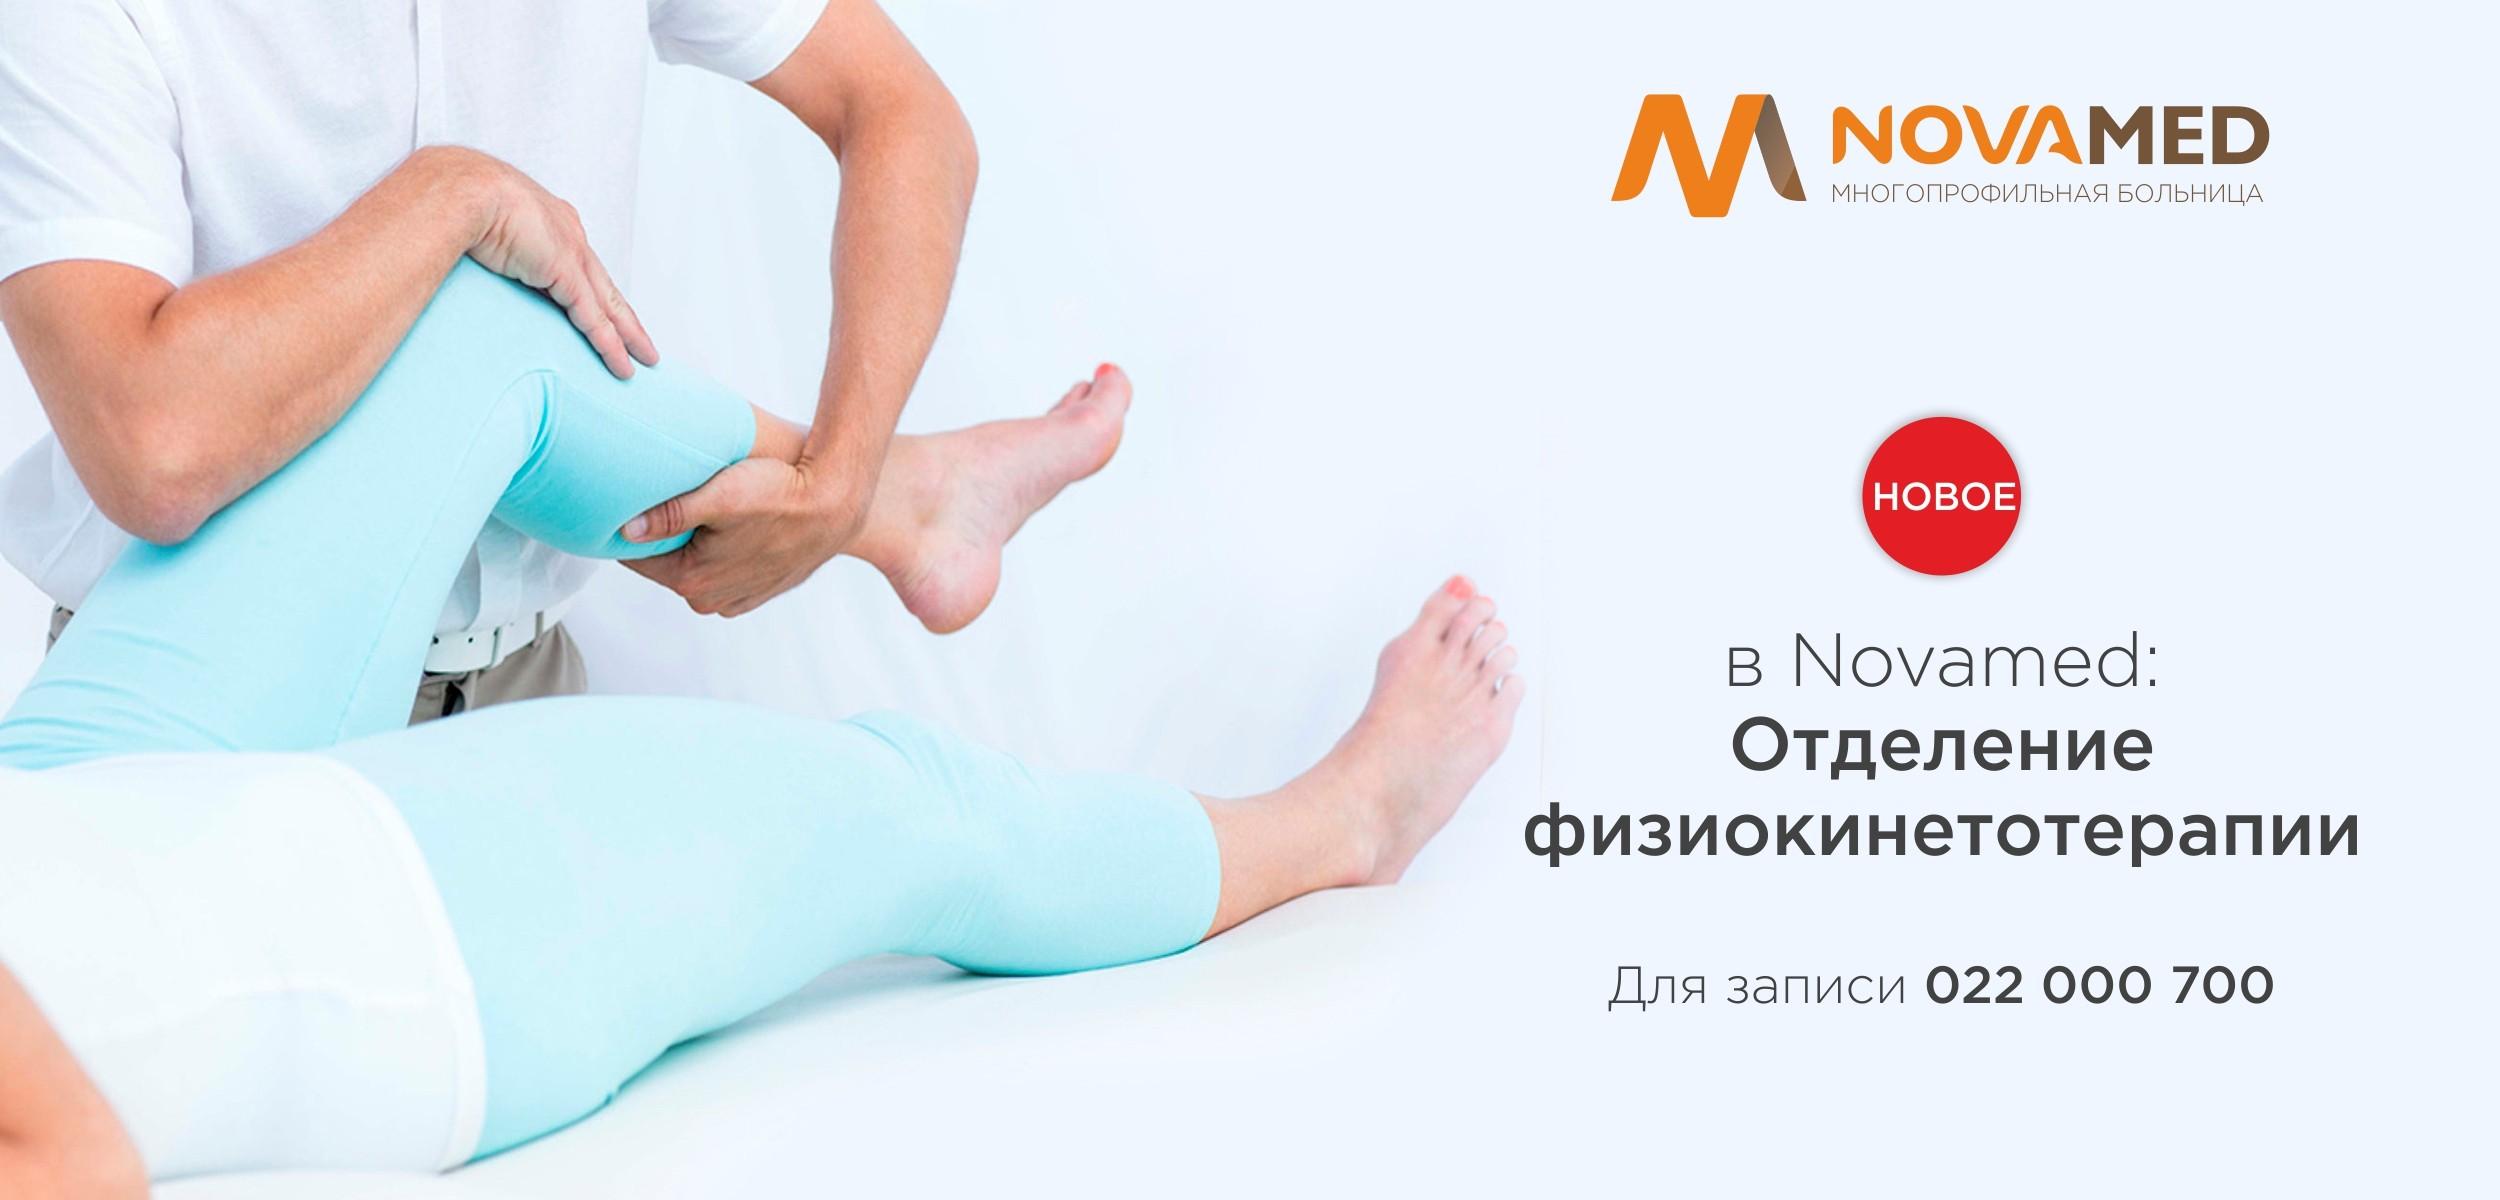 Novamed: Отделение физиокинетотерапии